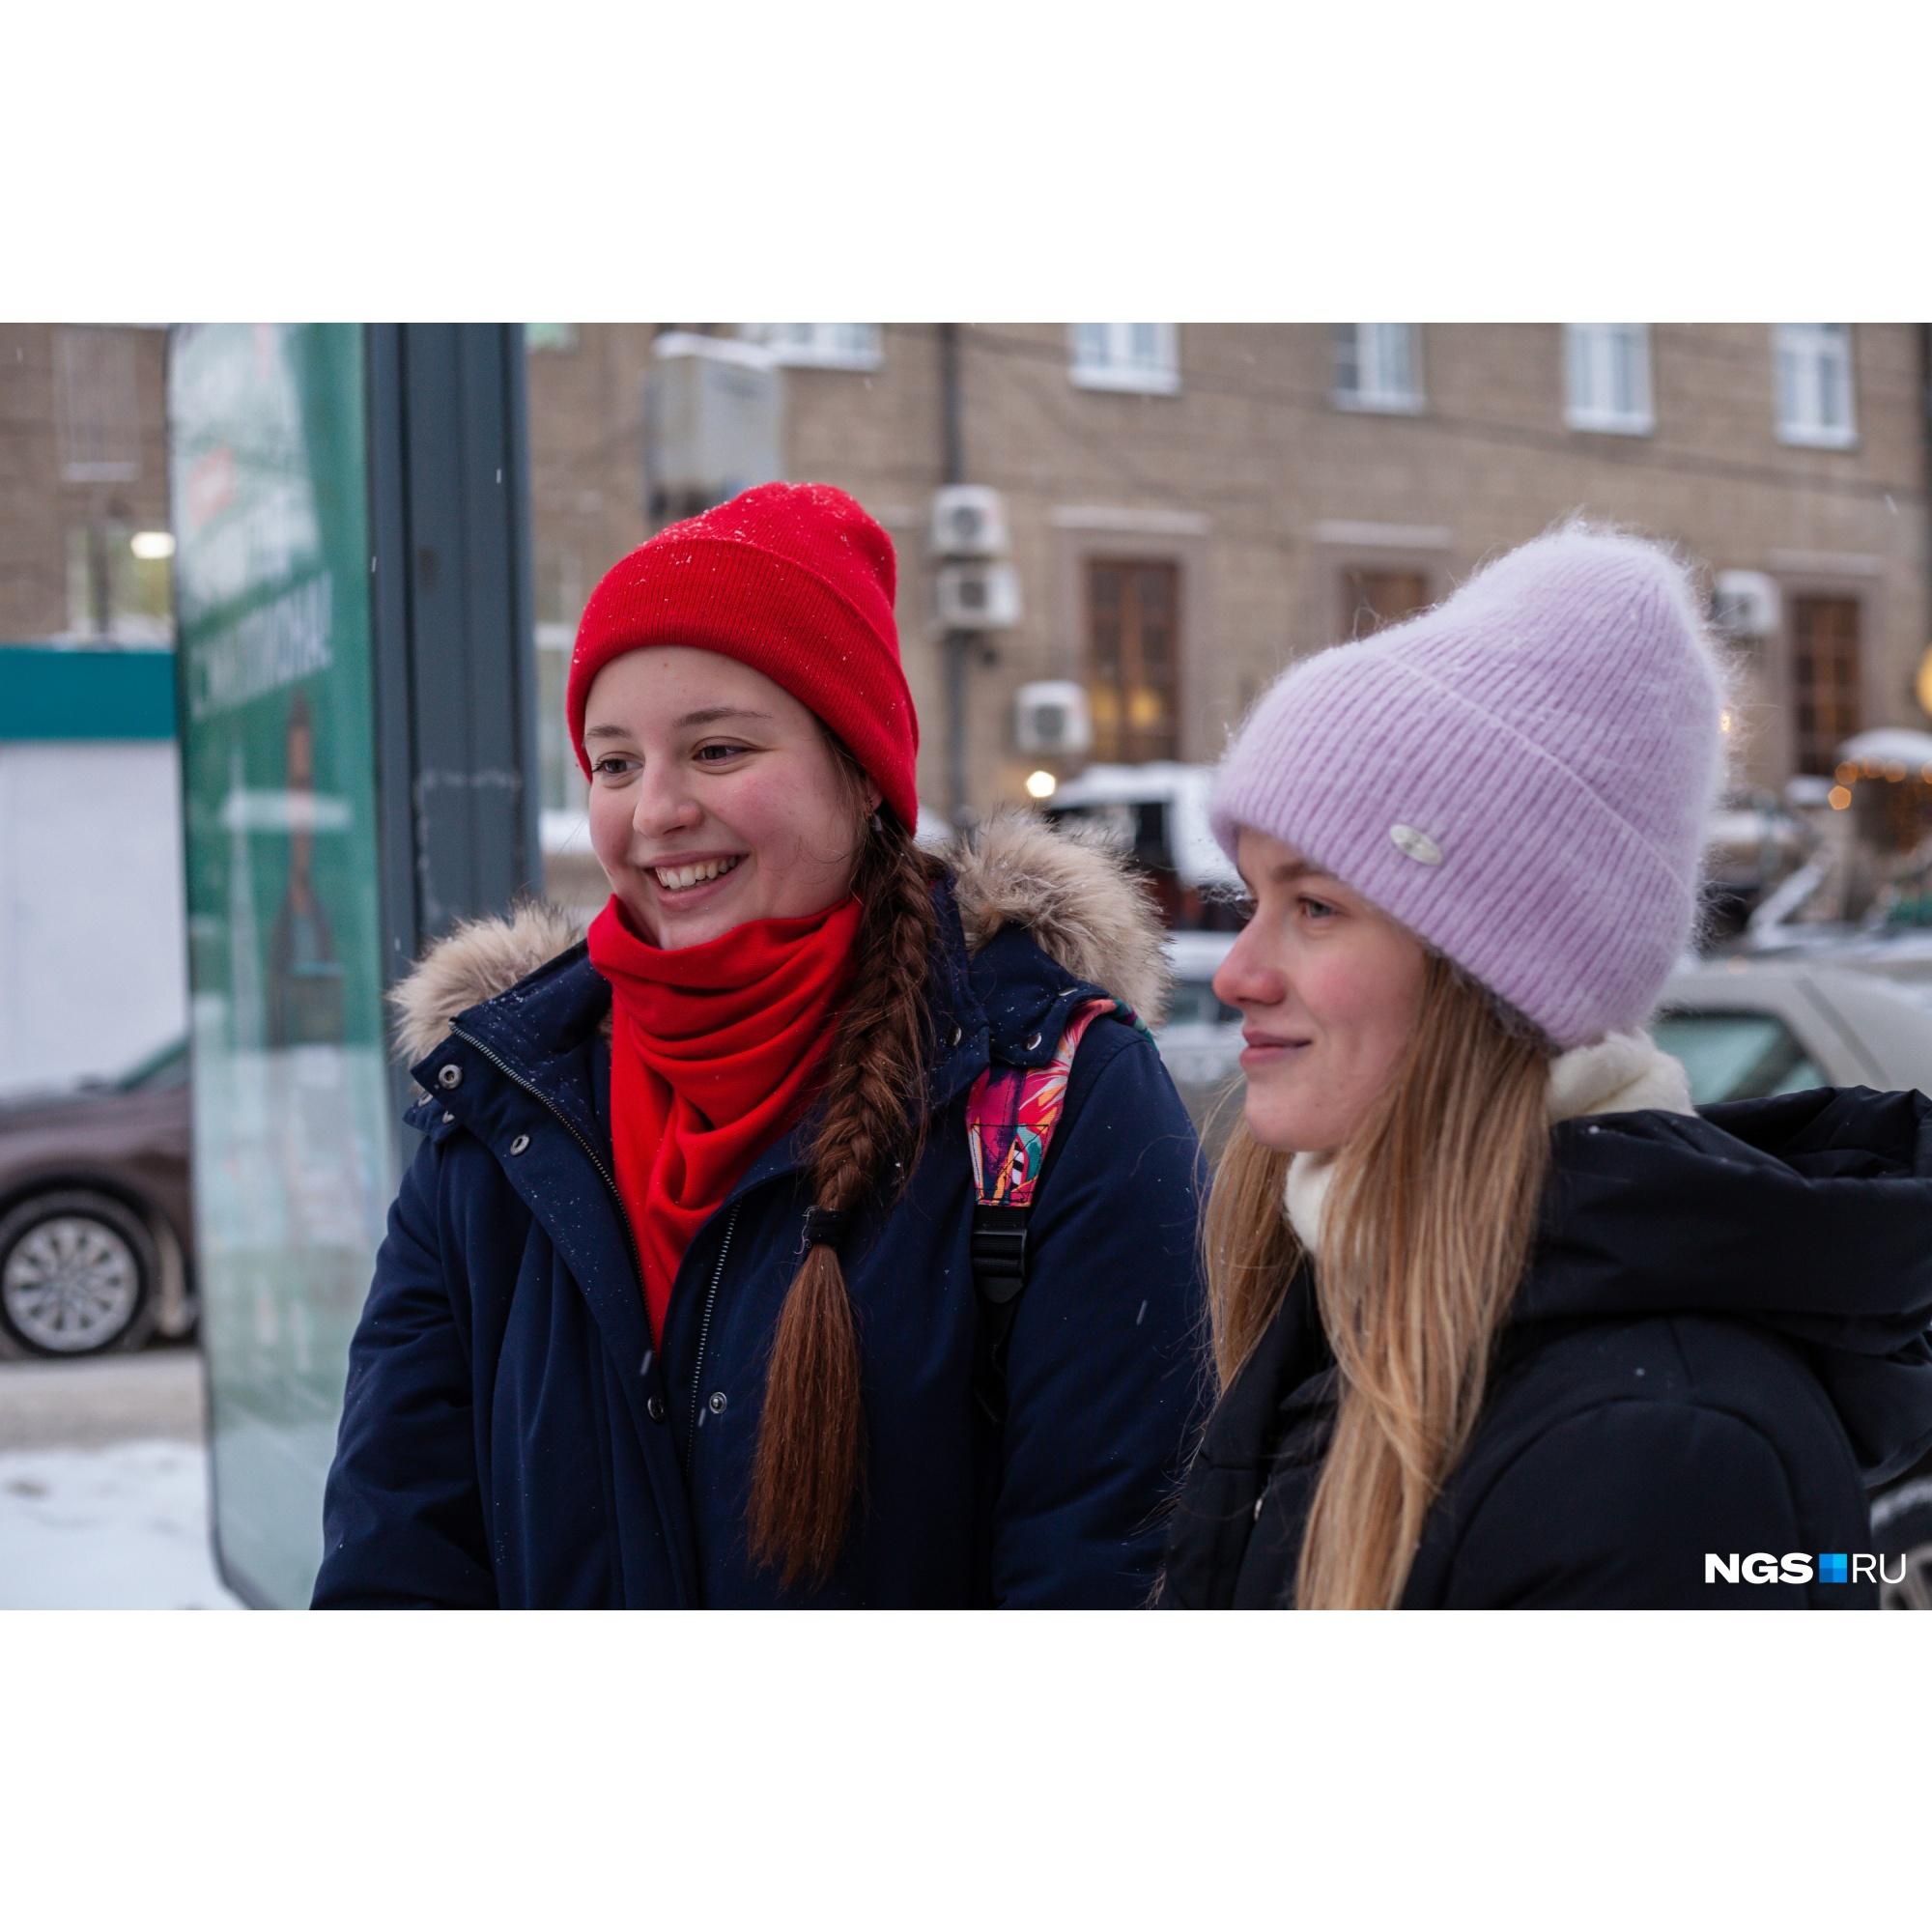 Подруги Алина и Сара тоже учатся новому